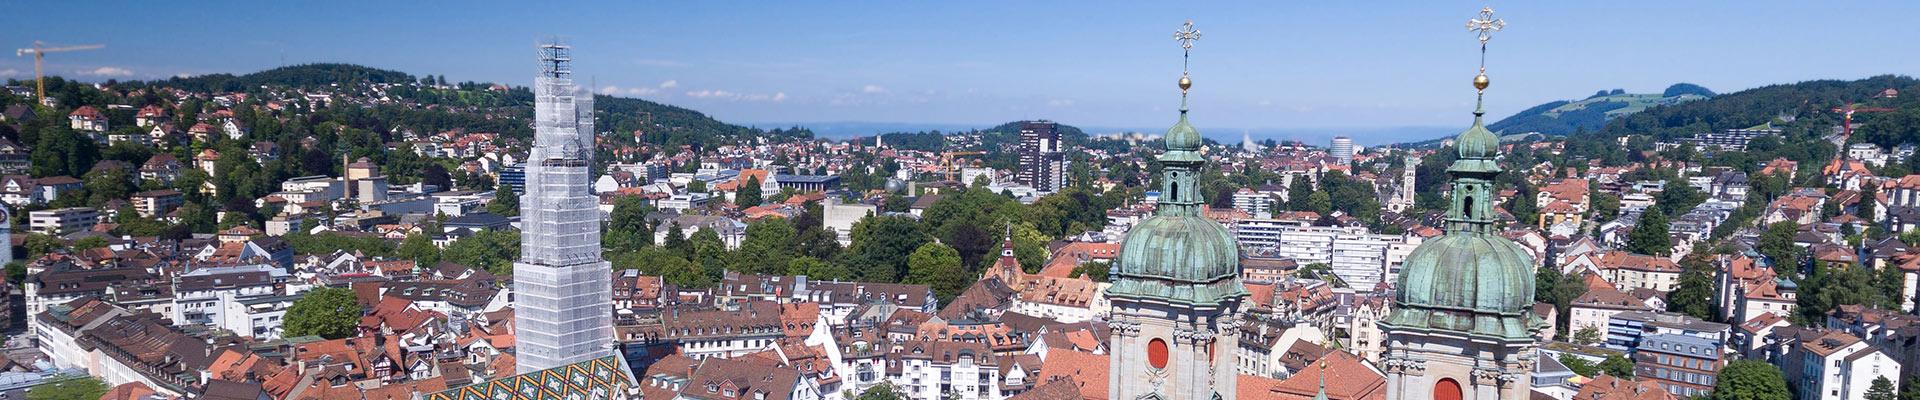 Wohnungen Stadt St. Gallen